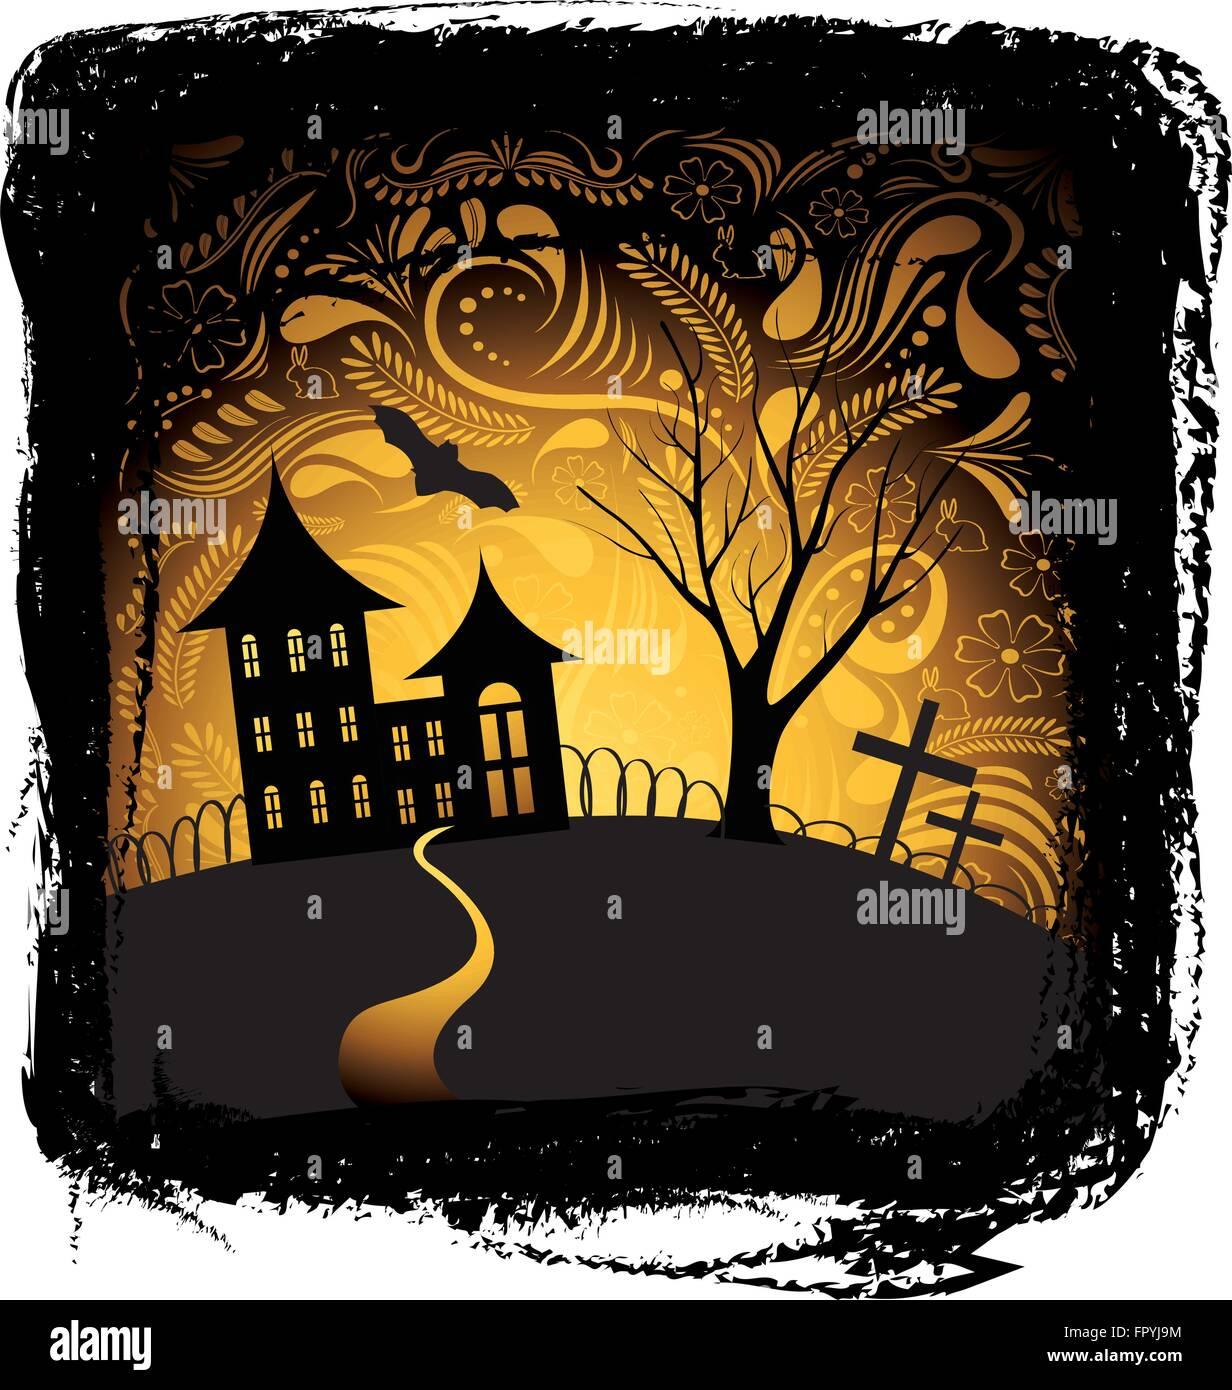 Halloween-Hintergrund mit Kürbis, Nacht Bat, Baum und Haus im Rahmen ...